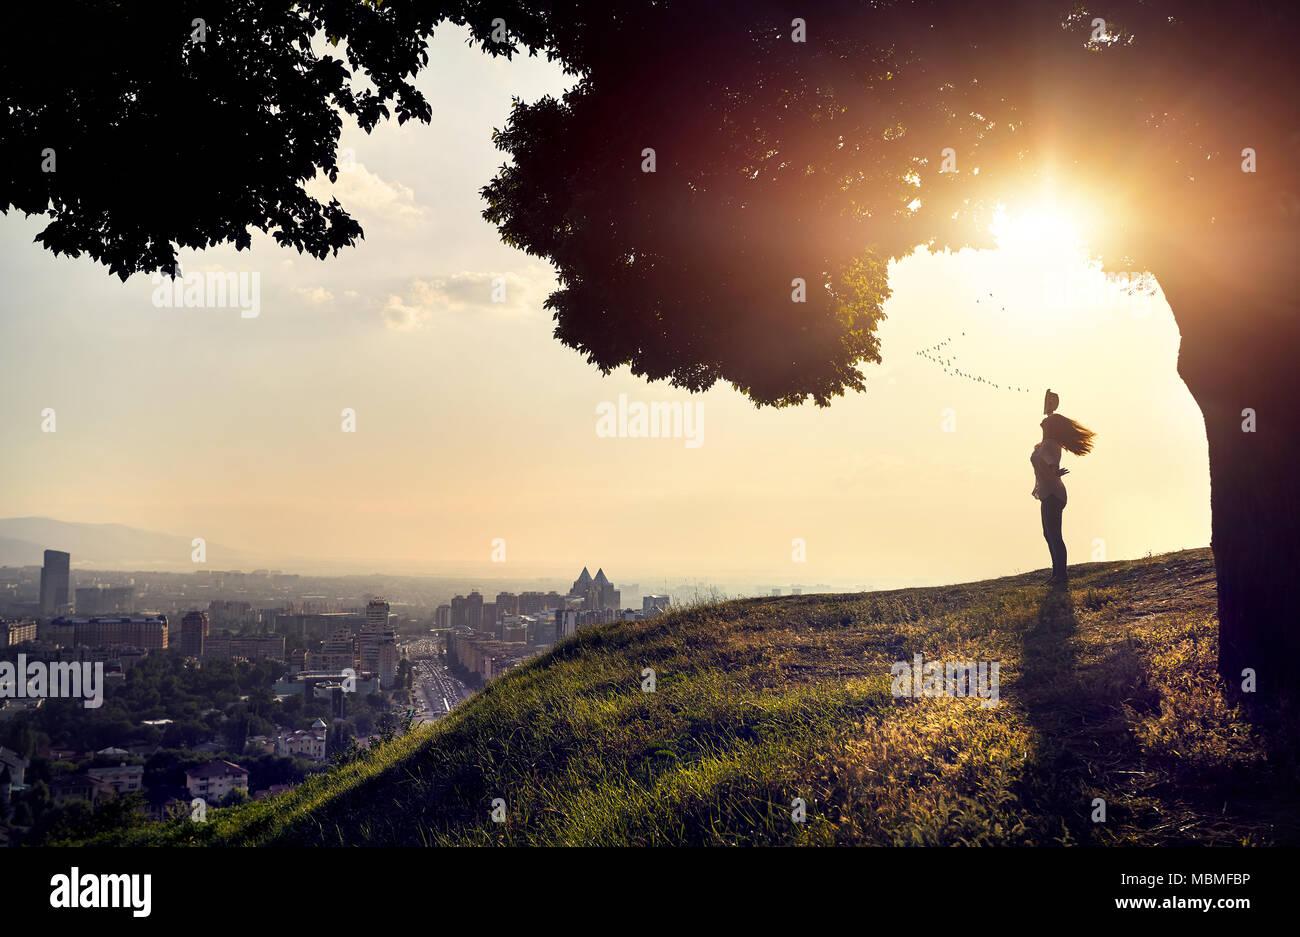 Mujer en silueta con sombrero aumento de mano en el fondo de la vista de la ciudad al atardecer. Concepto de la vida de la ciudad. Imagen De Stock